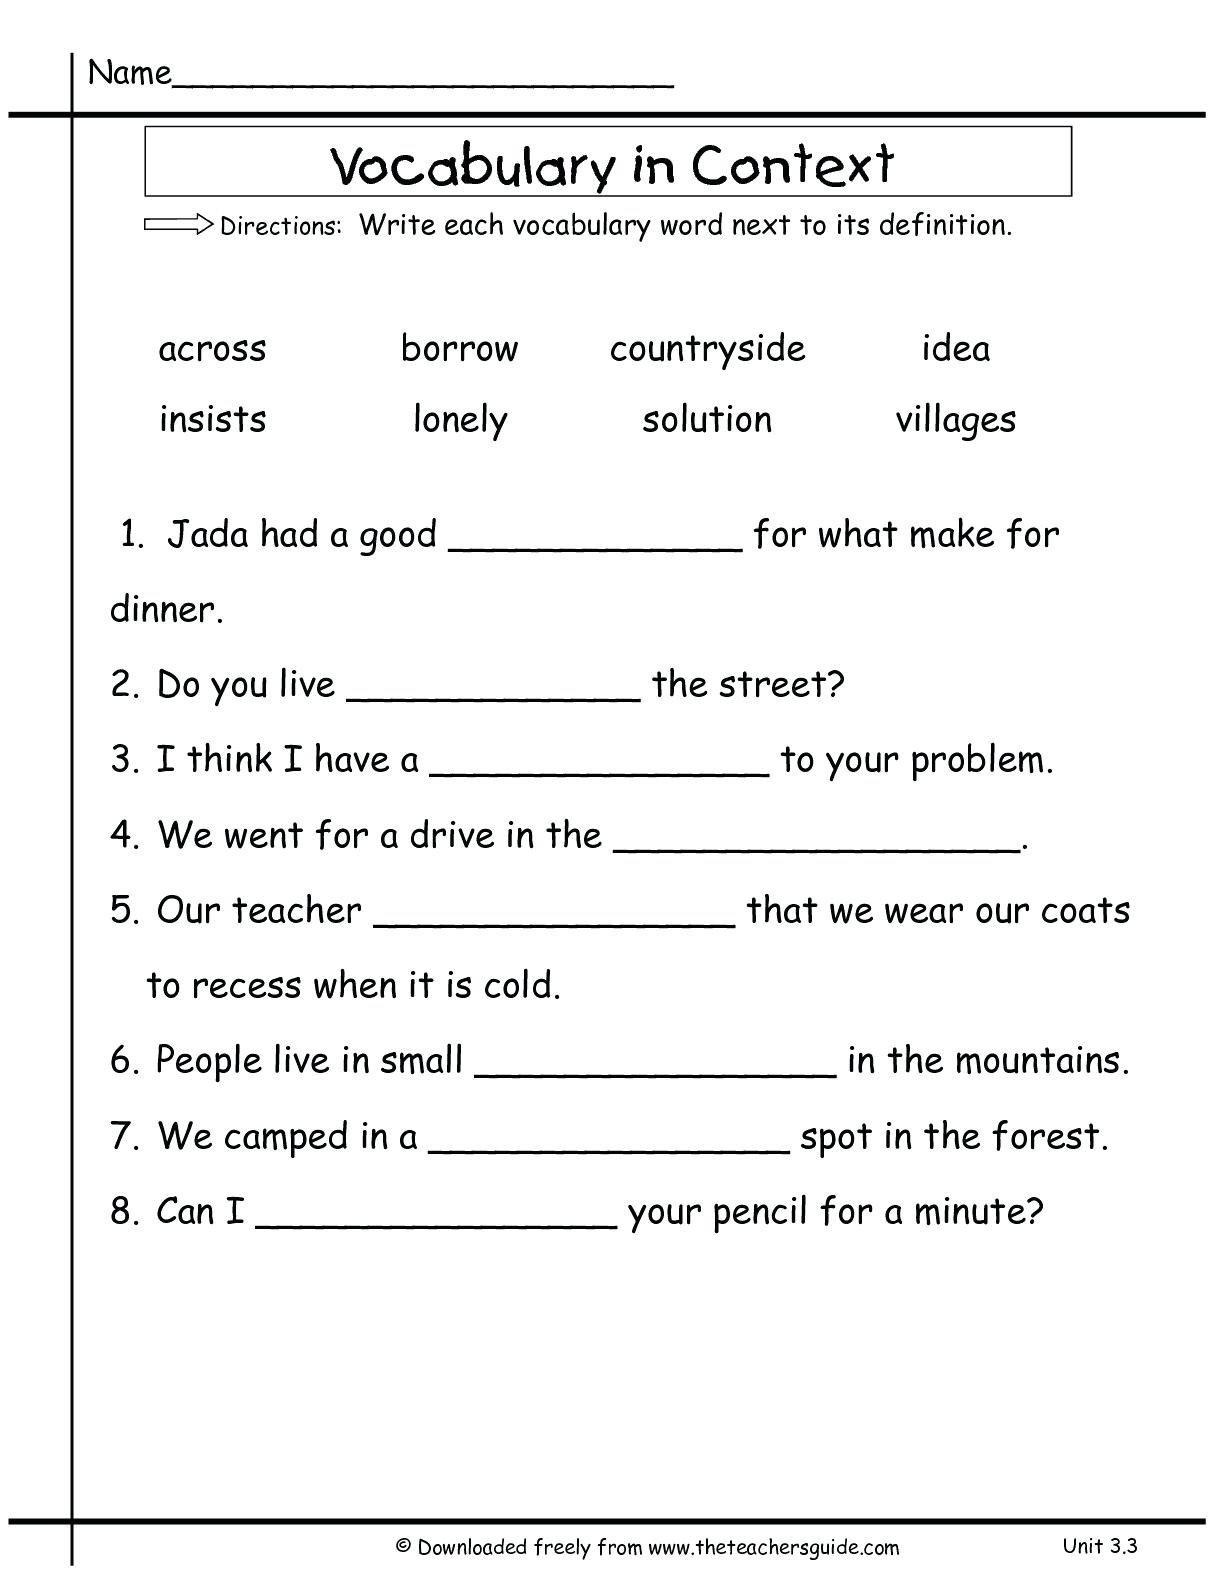 Worksheet Free Fraction Games Skeleton Sheets Grammar Editing Intended For Grammar Correction Worksheets